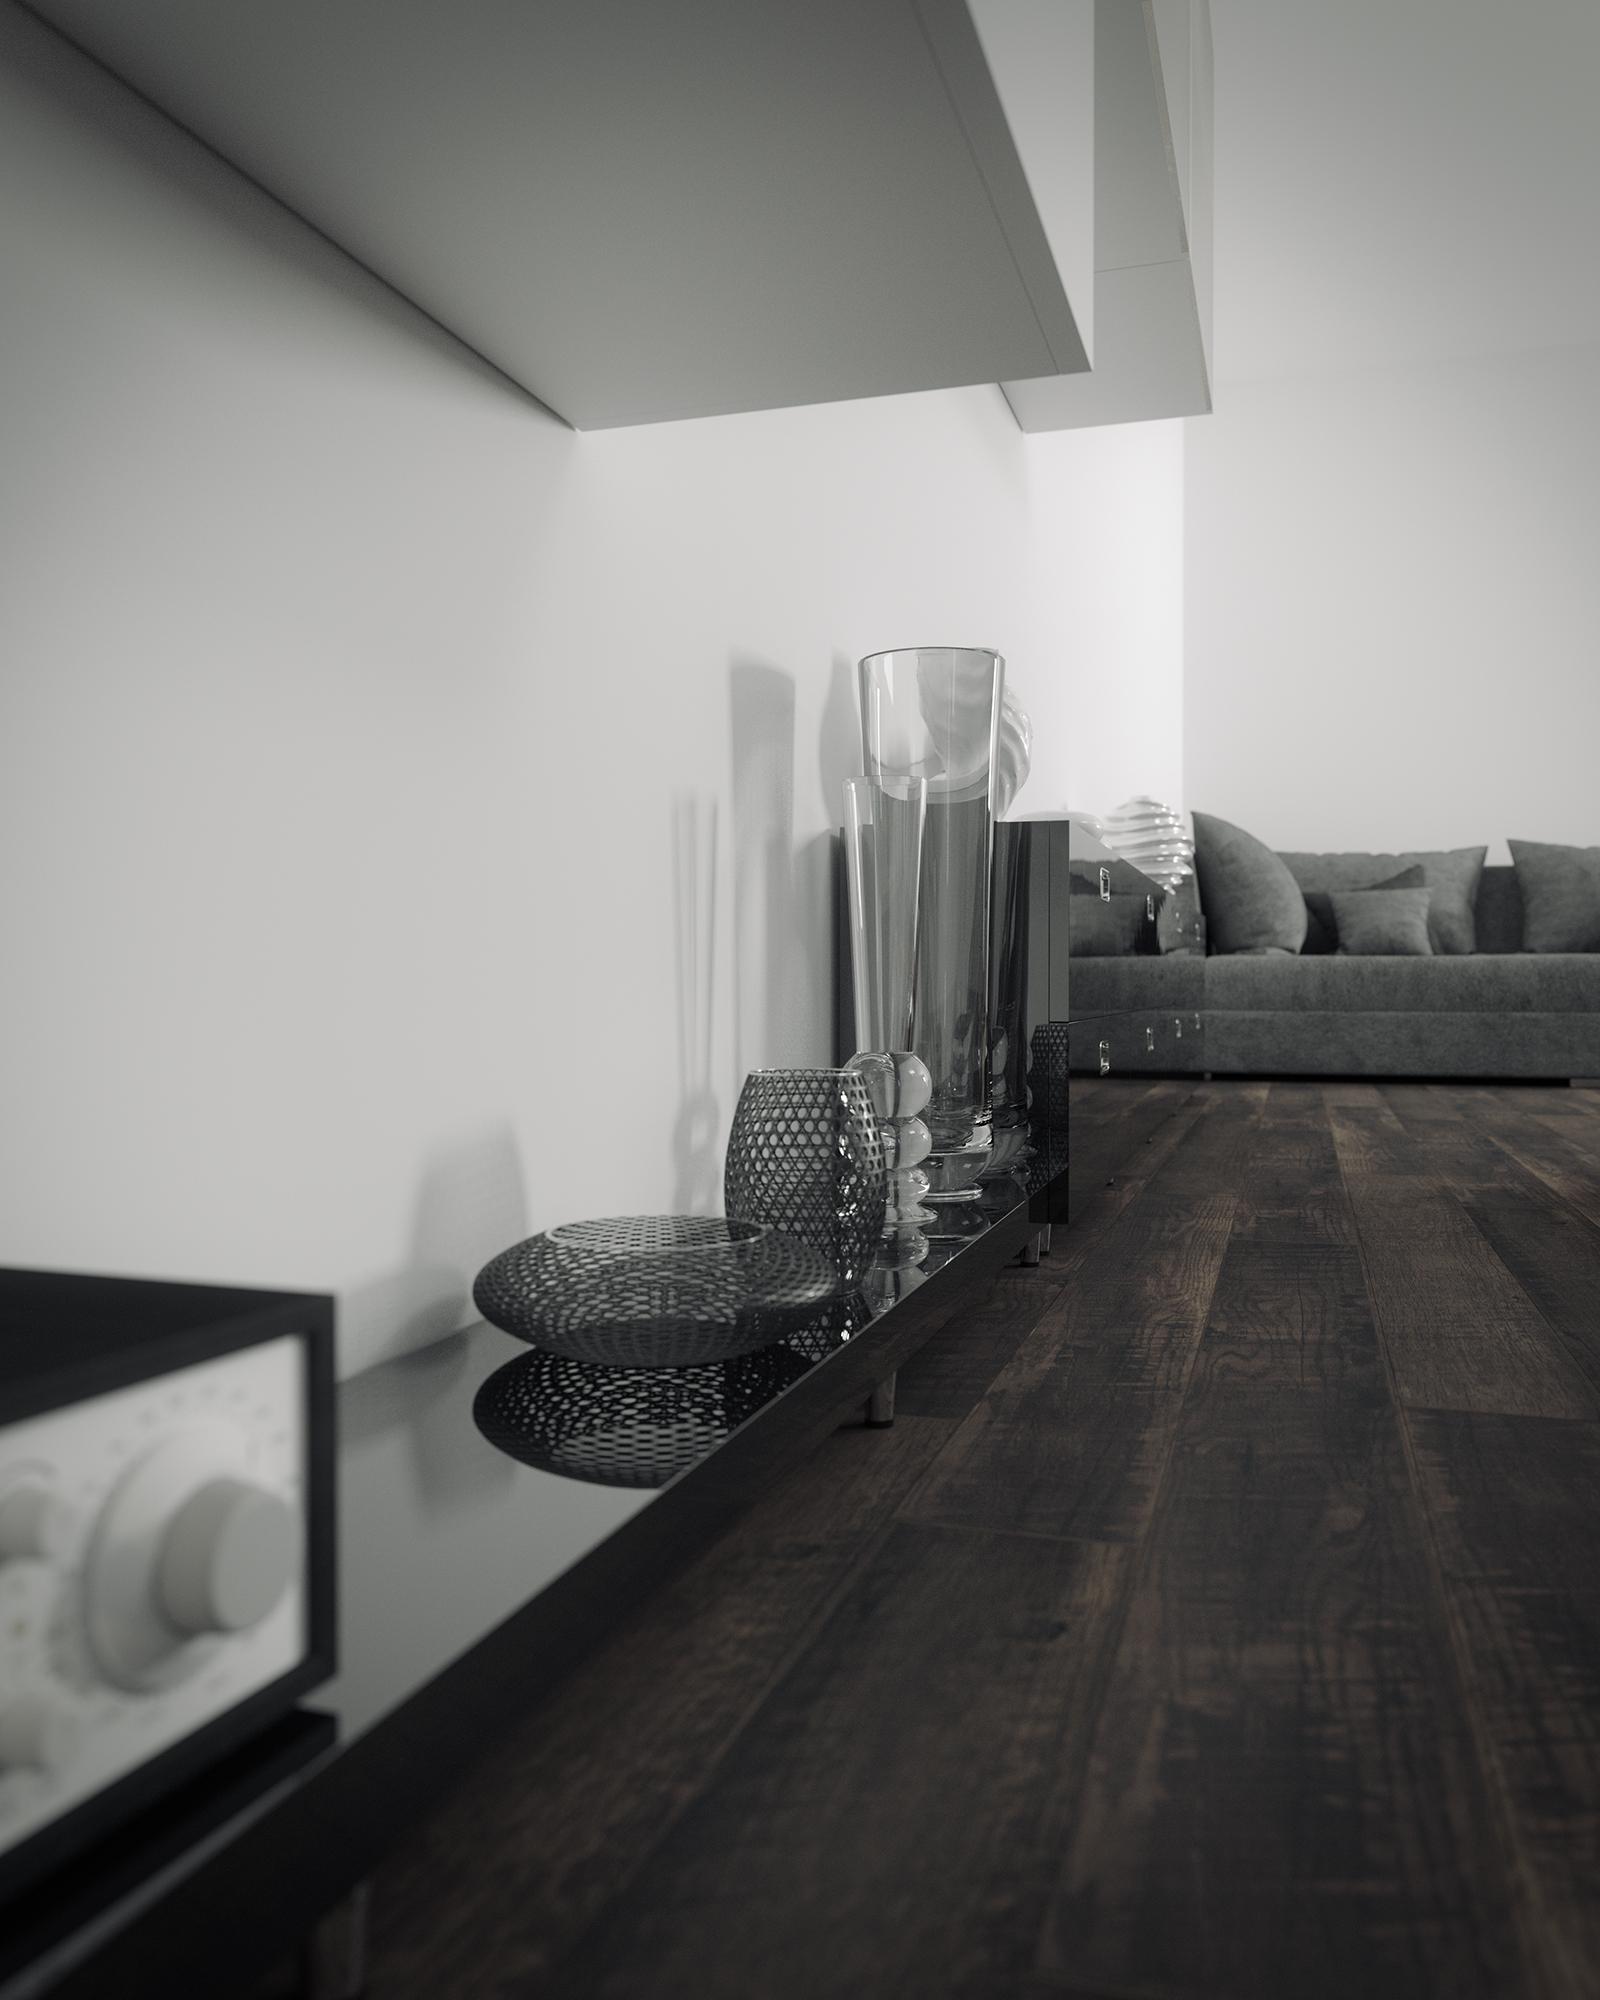 Ambiente 3d salon con muebles lacados y suelo de parquet - Muebles de salon lacados en blanco ...